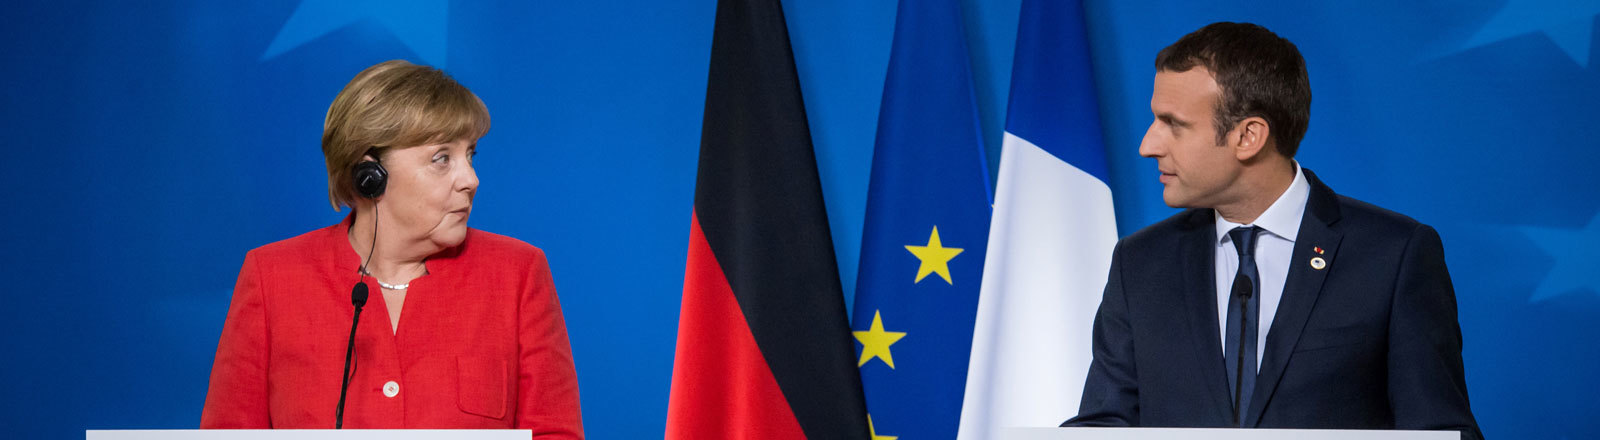 Merkel und Macron auf dem EU-Gipfel